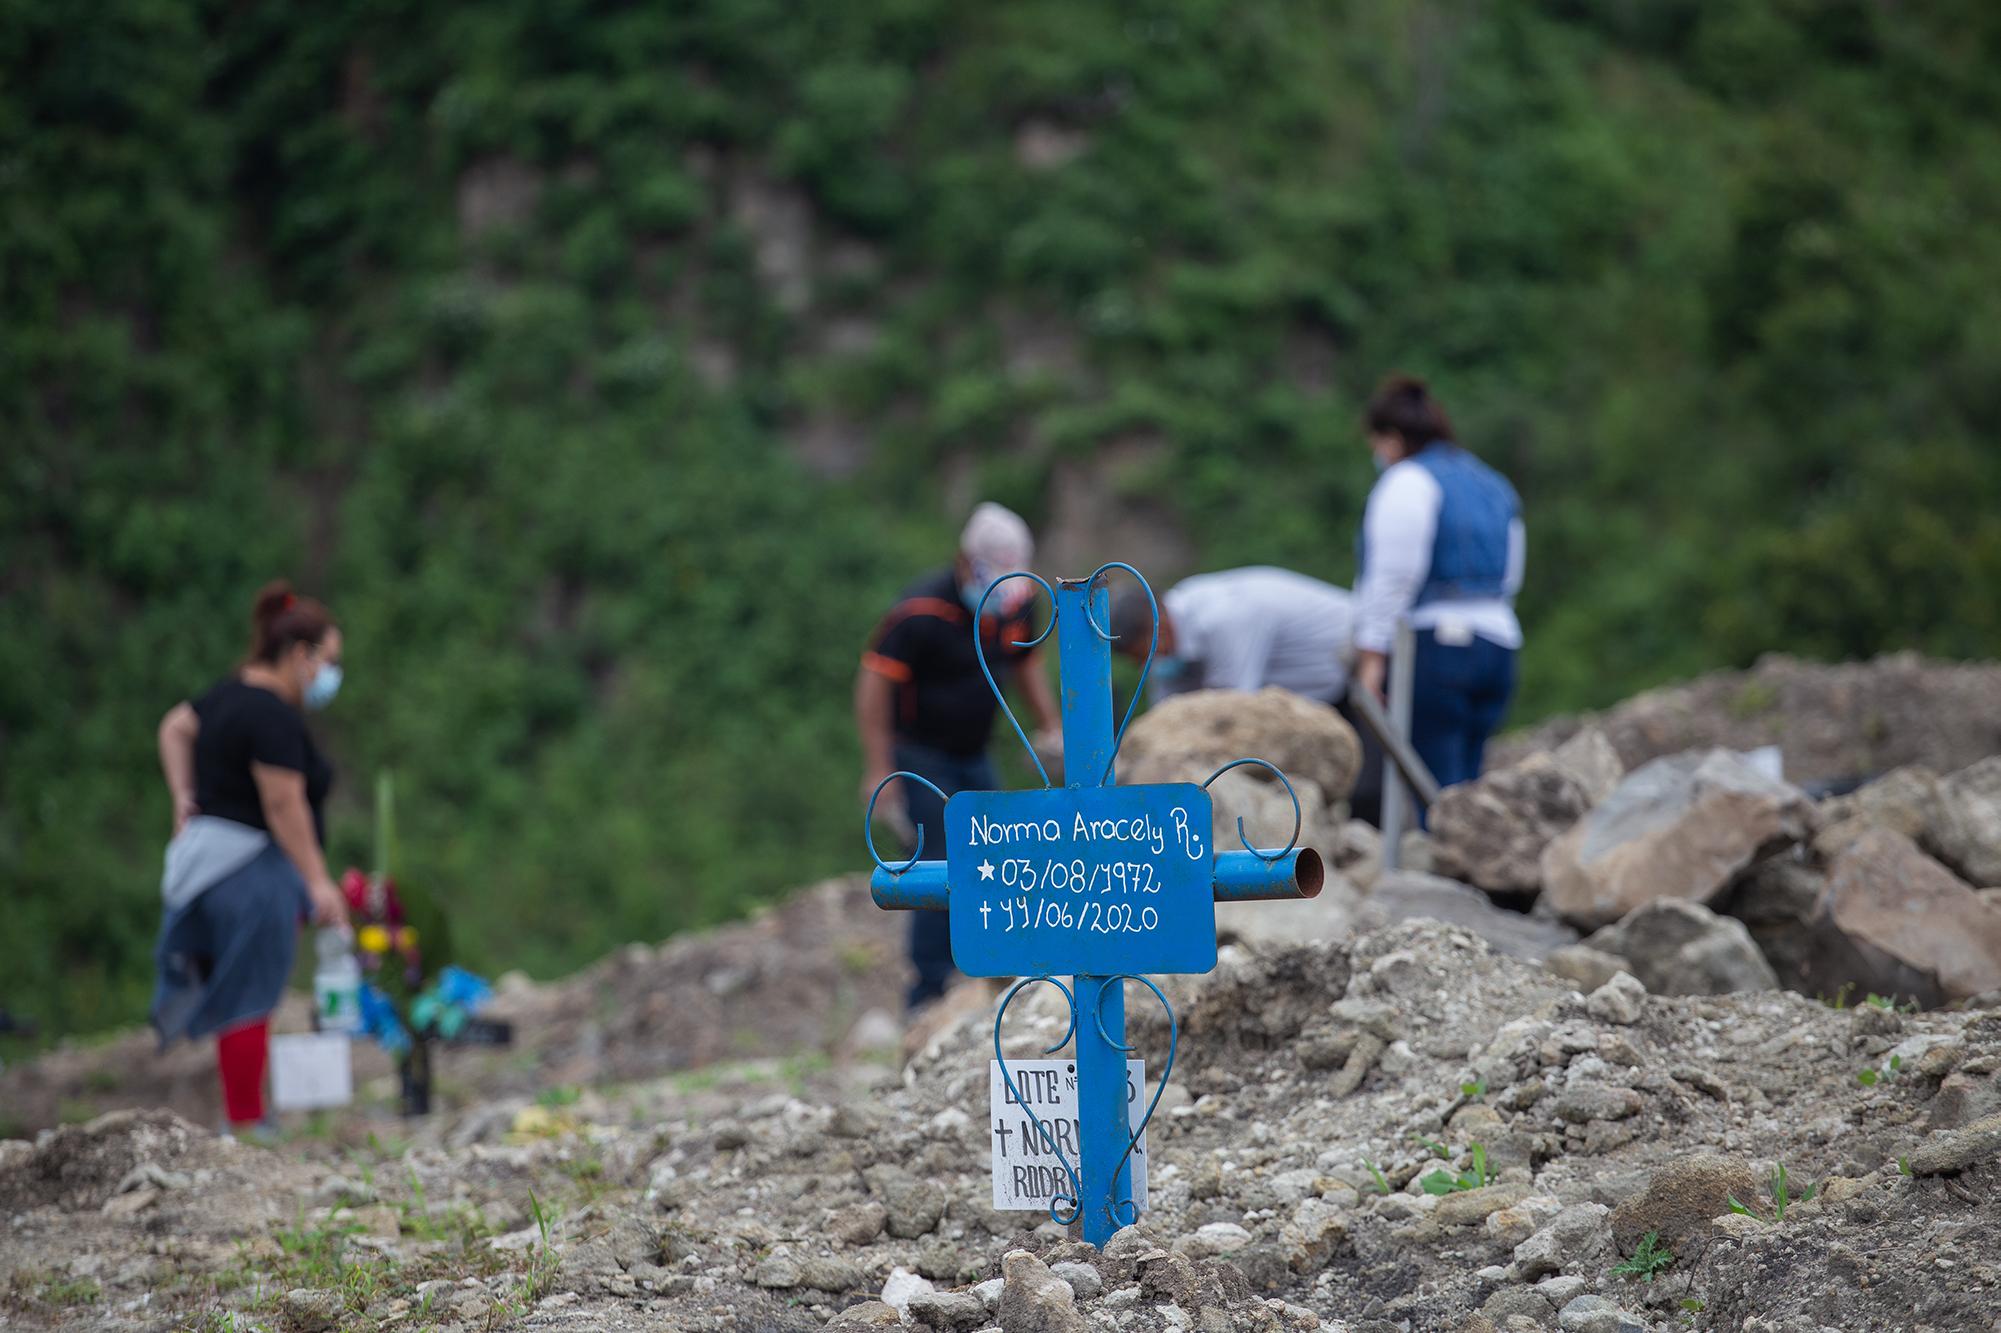 En el anexo del Parque Memorial Jardín de los Ángeles se ha enterrado a personas que fallecieron con diagnóstico para Covid-19. Comayagüela, 2 de noviembre de 2020. Foto: Martín Cálix.